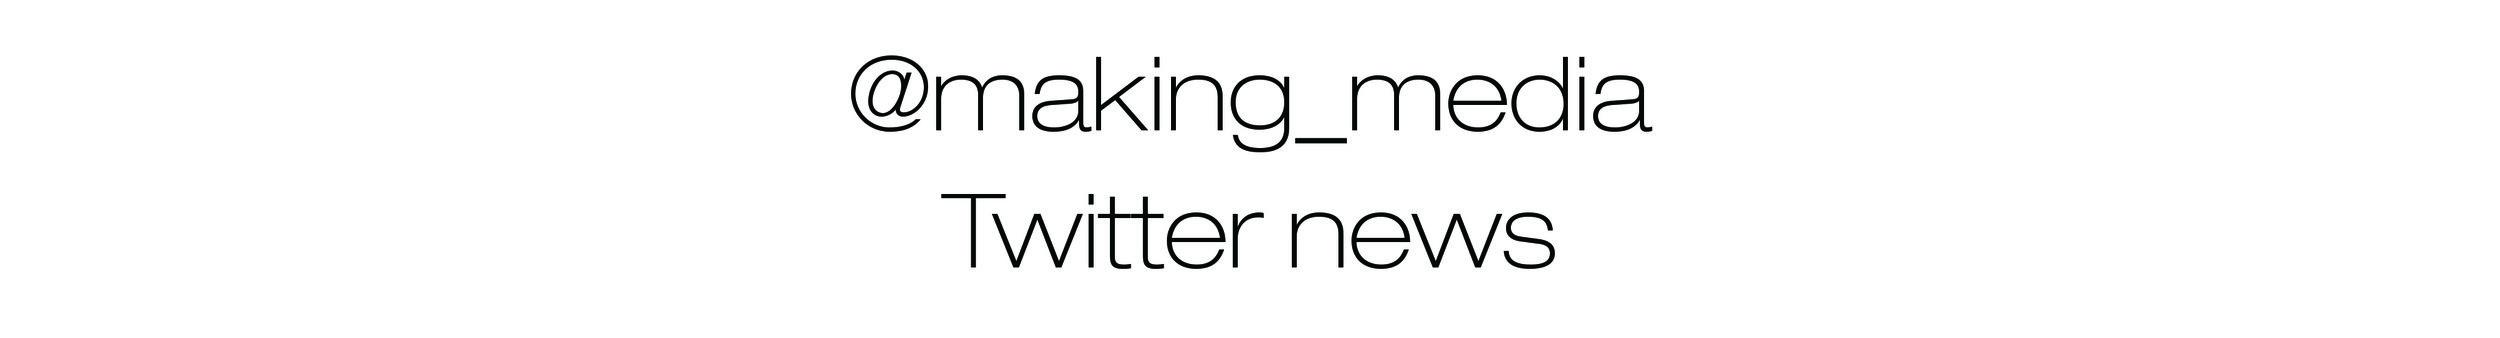 Twitter for website.jpg